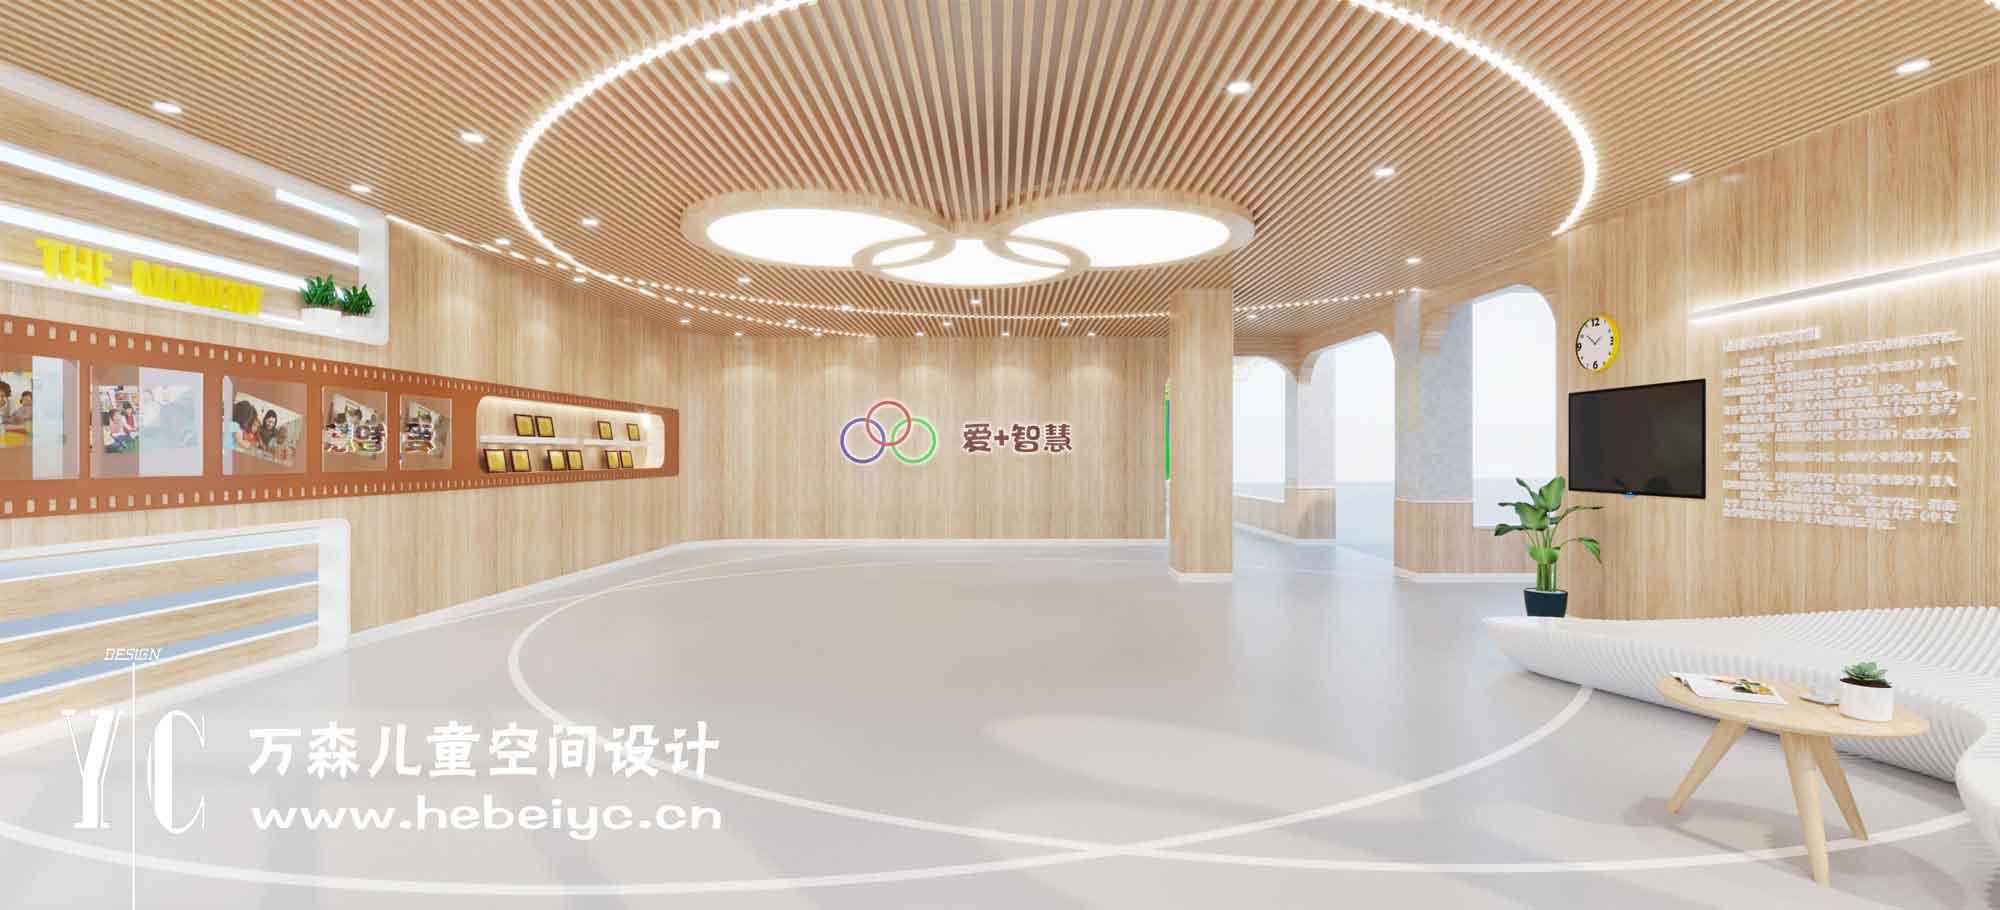 云南师范大学实验中学附属幼儿园